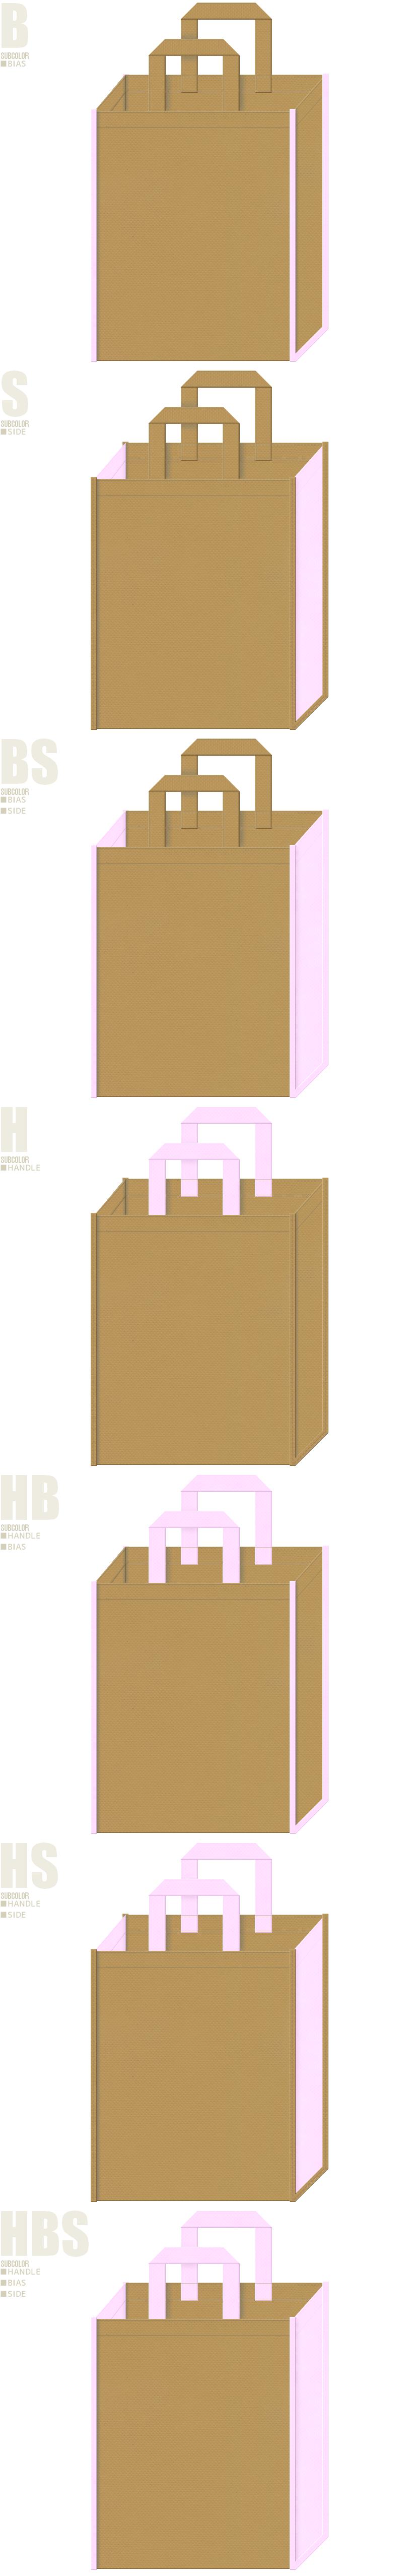 不織布バッグのデザイン:マスタード色とパステルピンク色の配色7パターン